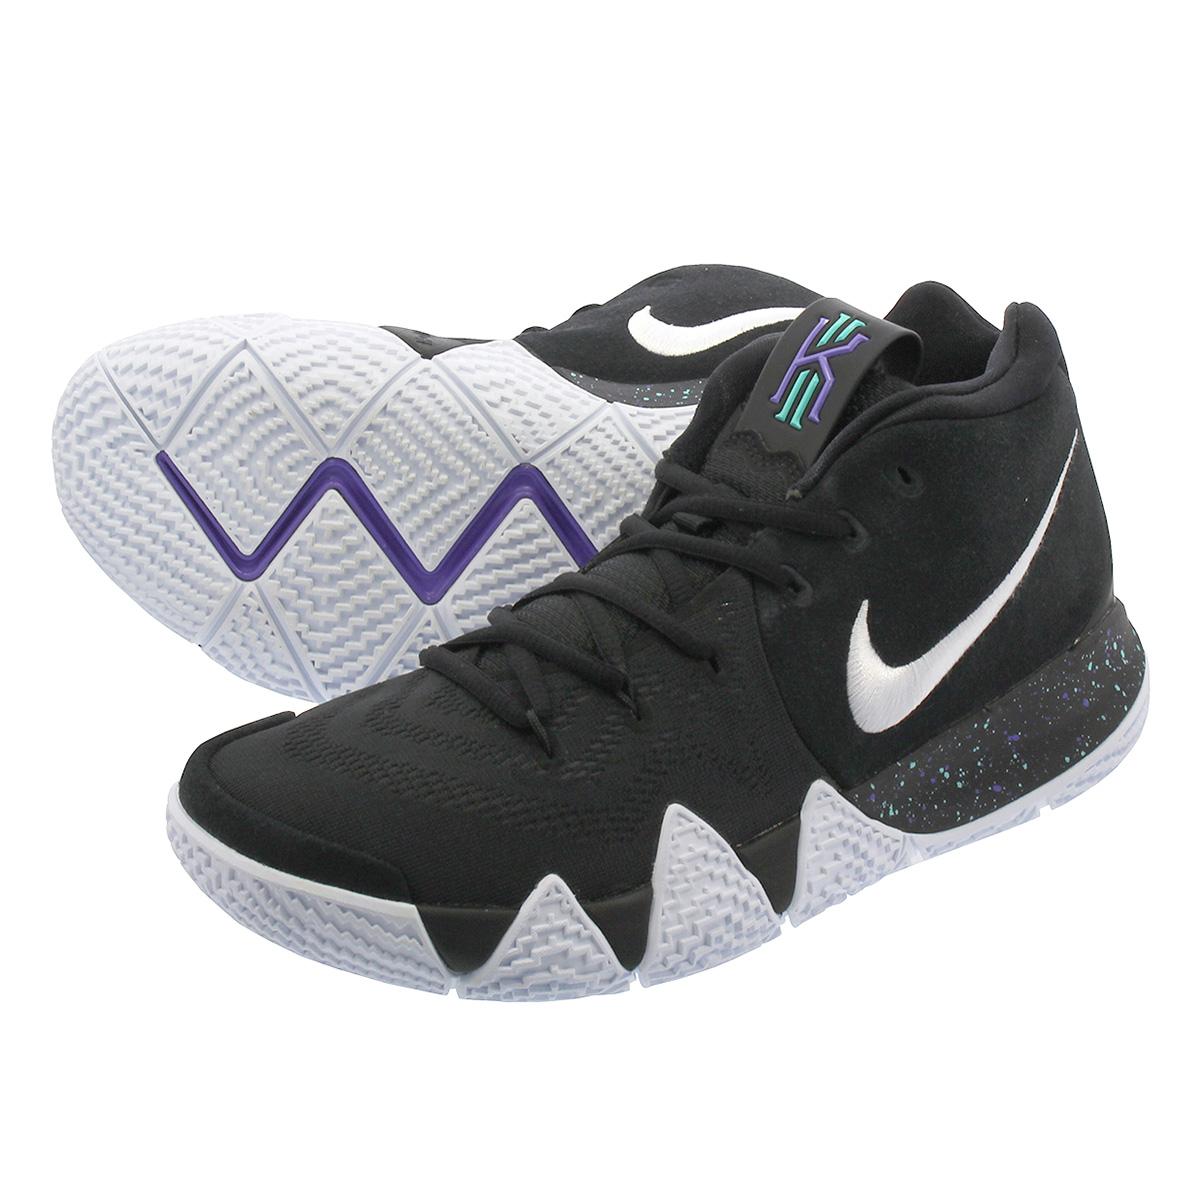 91714144436 LOWTEX PLUS  NIKE KYRIE 4 Nike chi Lee 4 BLACK WHITE 943